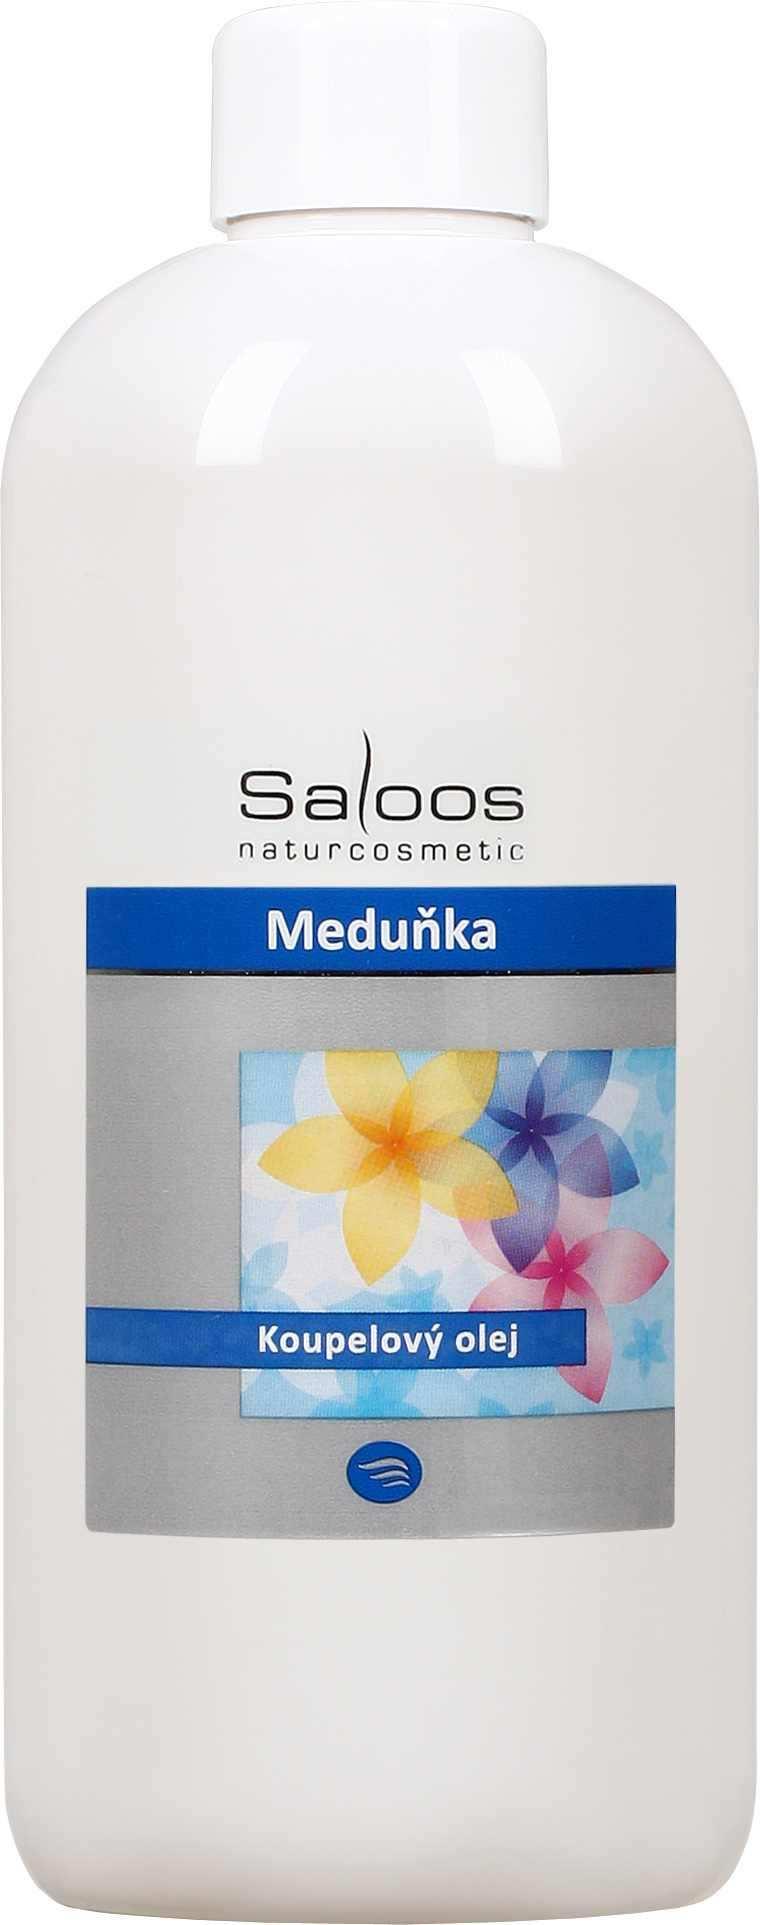 Saloos Meduňka - koupelový olej Balení: 500 ml